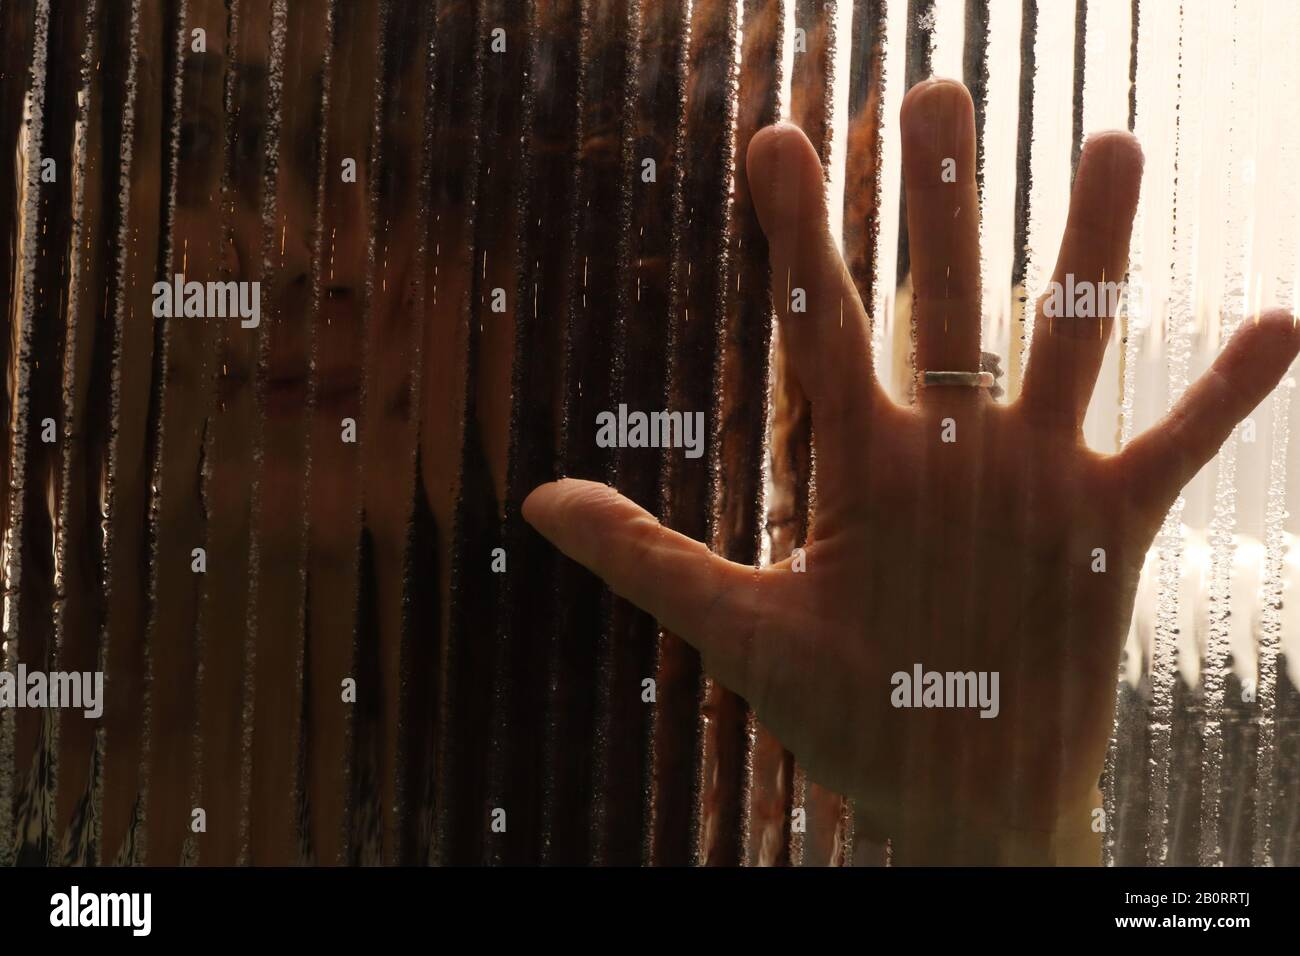 Gruselige Schreckensbilder von Mädchen hinter Glas mit Handflächen auf strukturiertem Glas Stockfoto